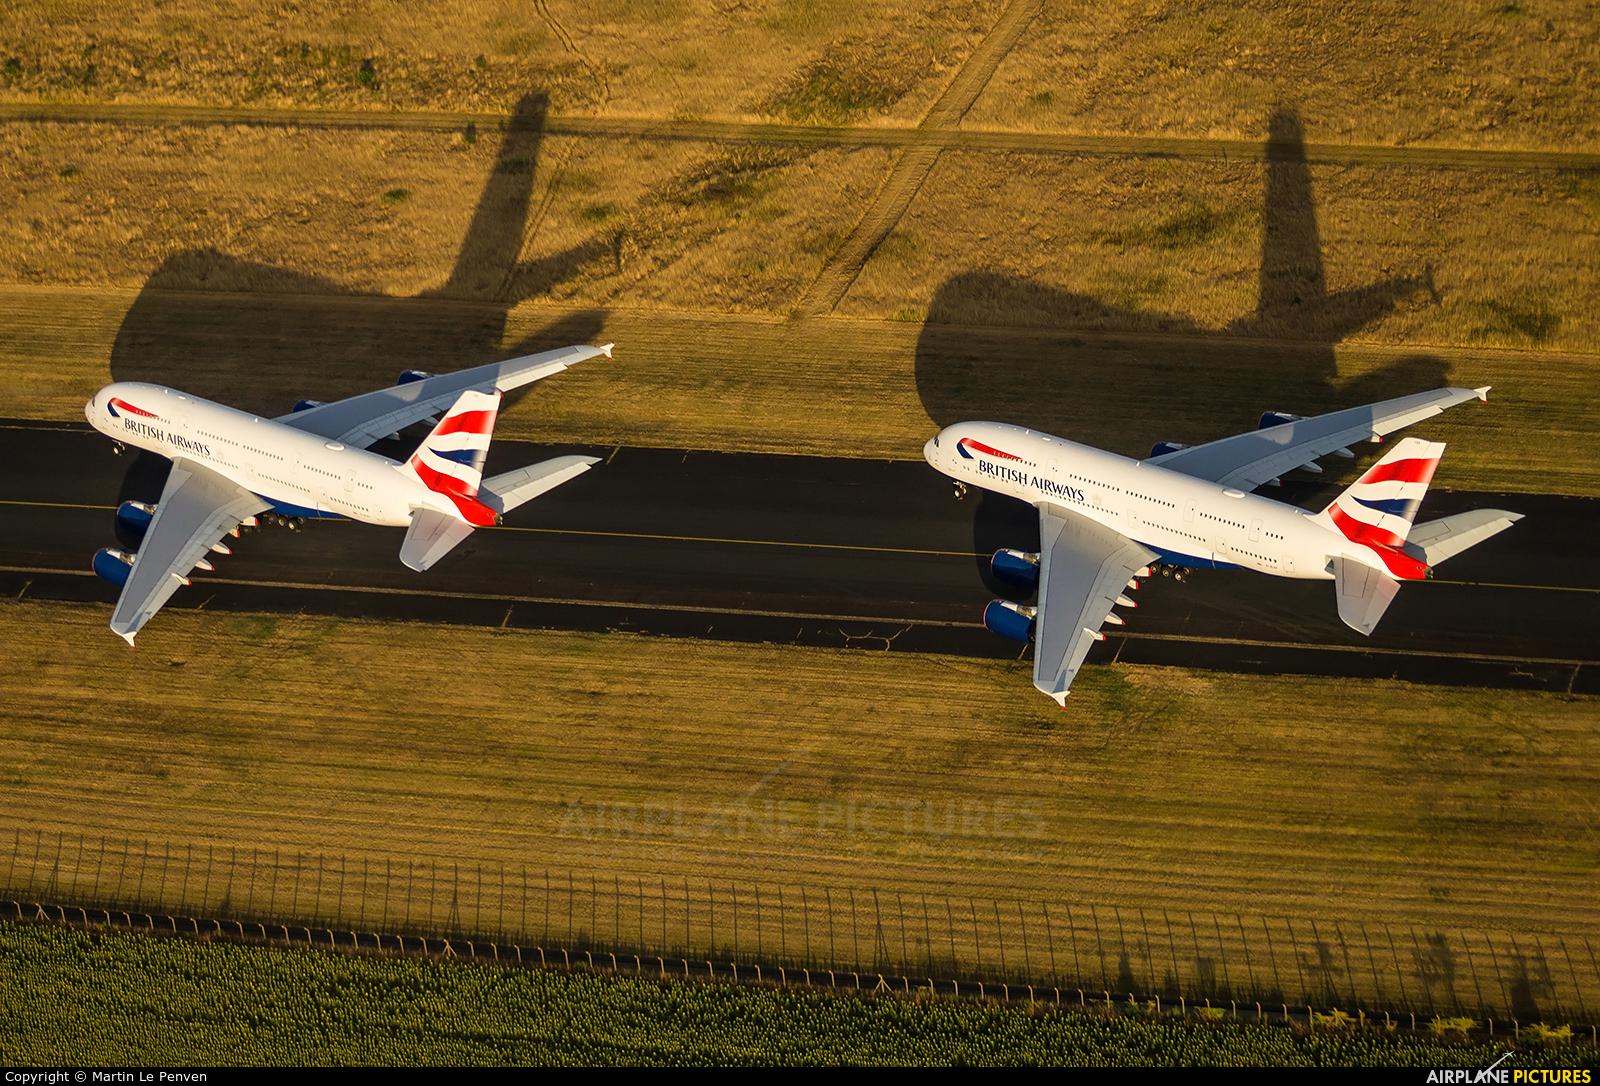 British Airways G-XLEF aircraft at Chateauroux - Deols (Marcel Dassault)